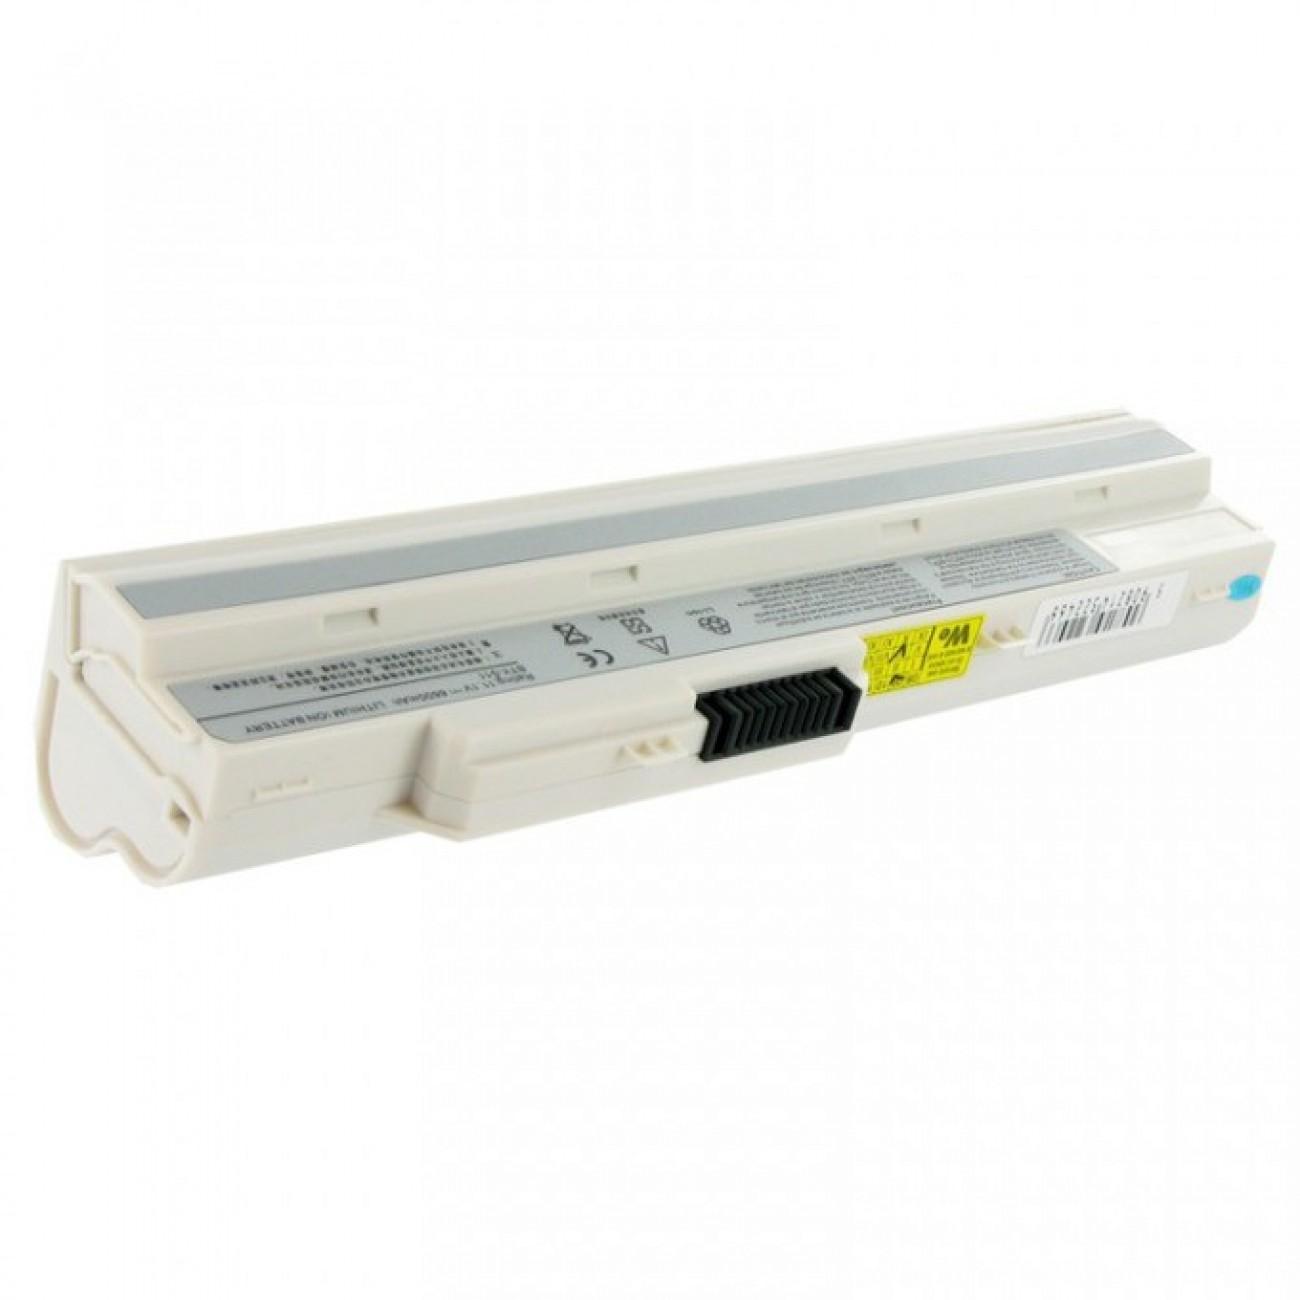 Батерия (заместител) за MSI series, 11.1V, 4400 mAh в Батерии за Лаптоп -  | Alleop